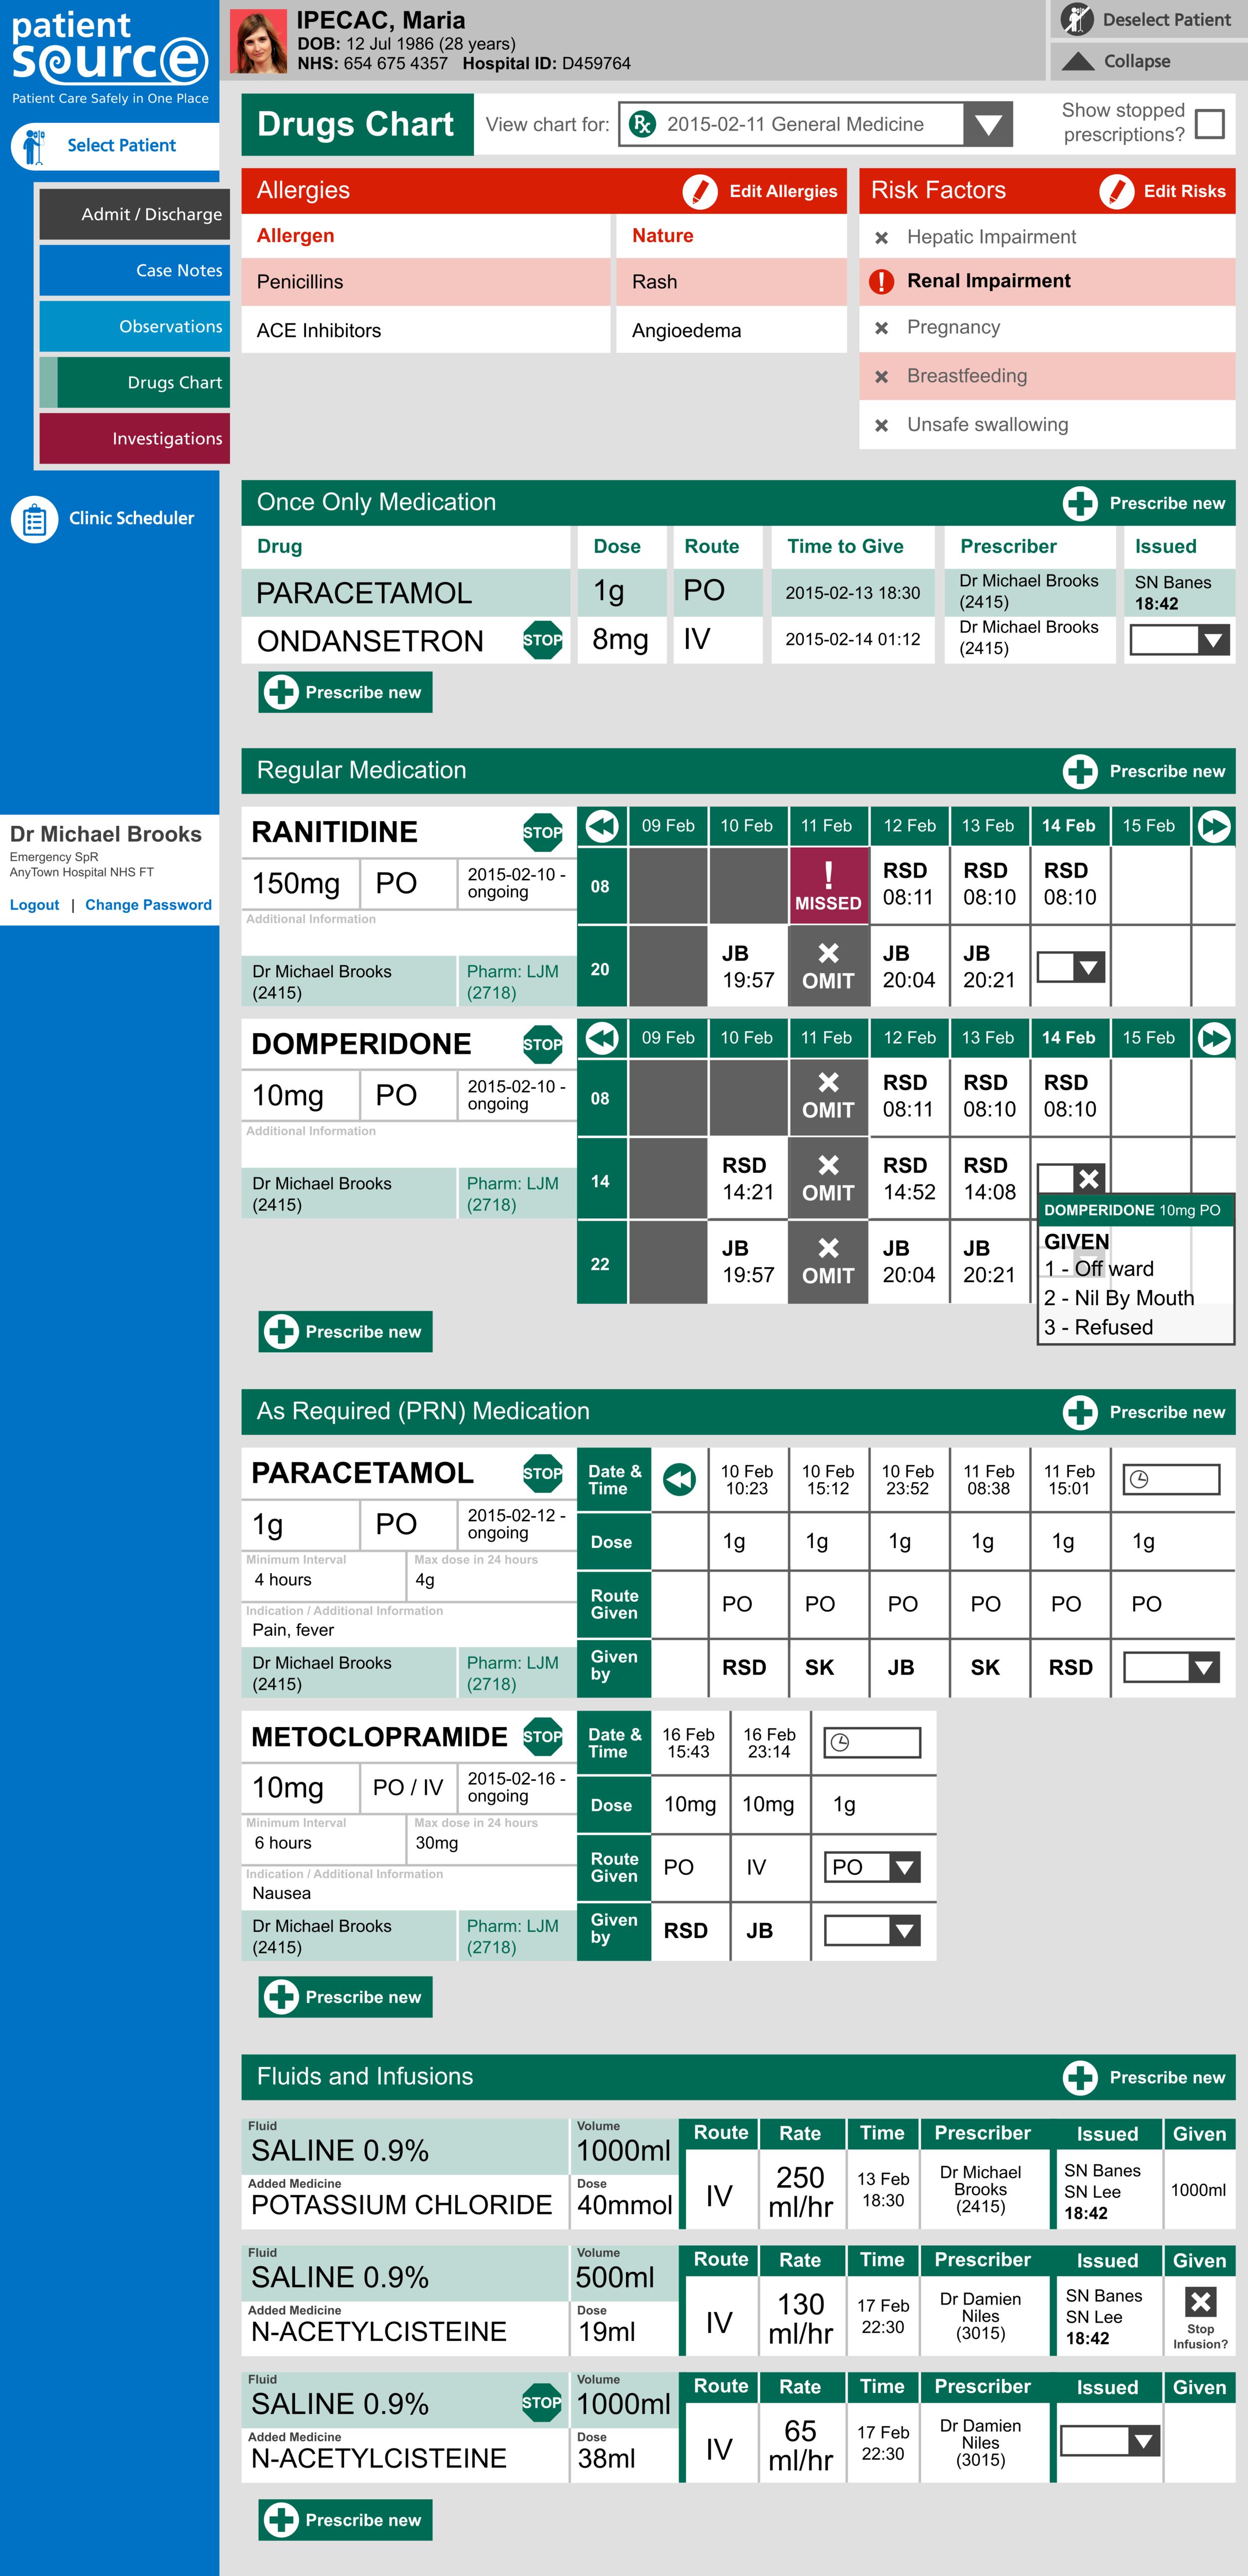 PatientSource - ePrescribing - Drugs Chart.png